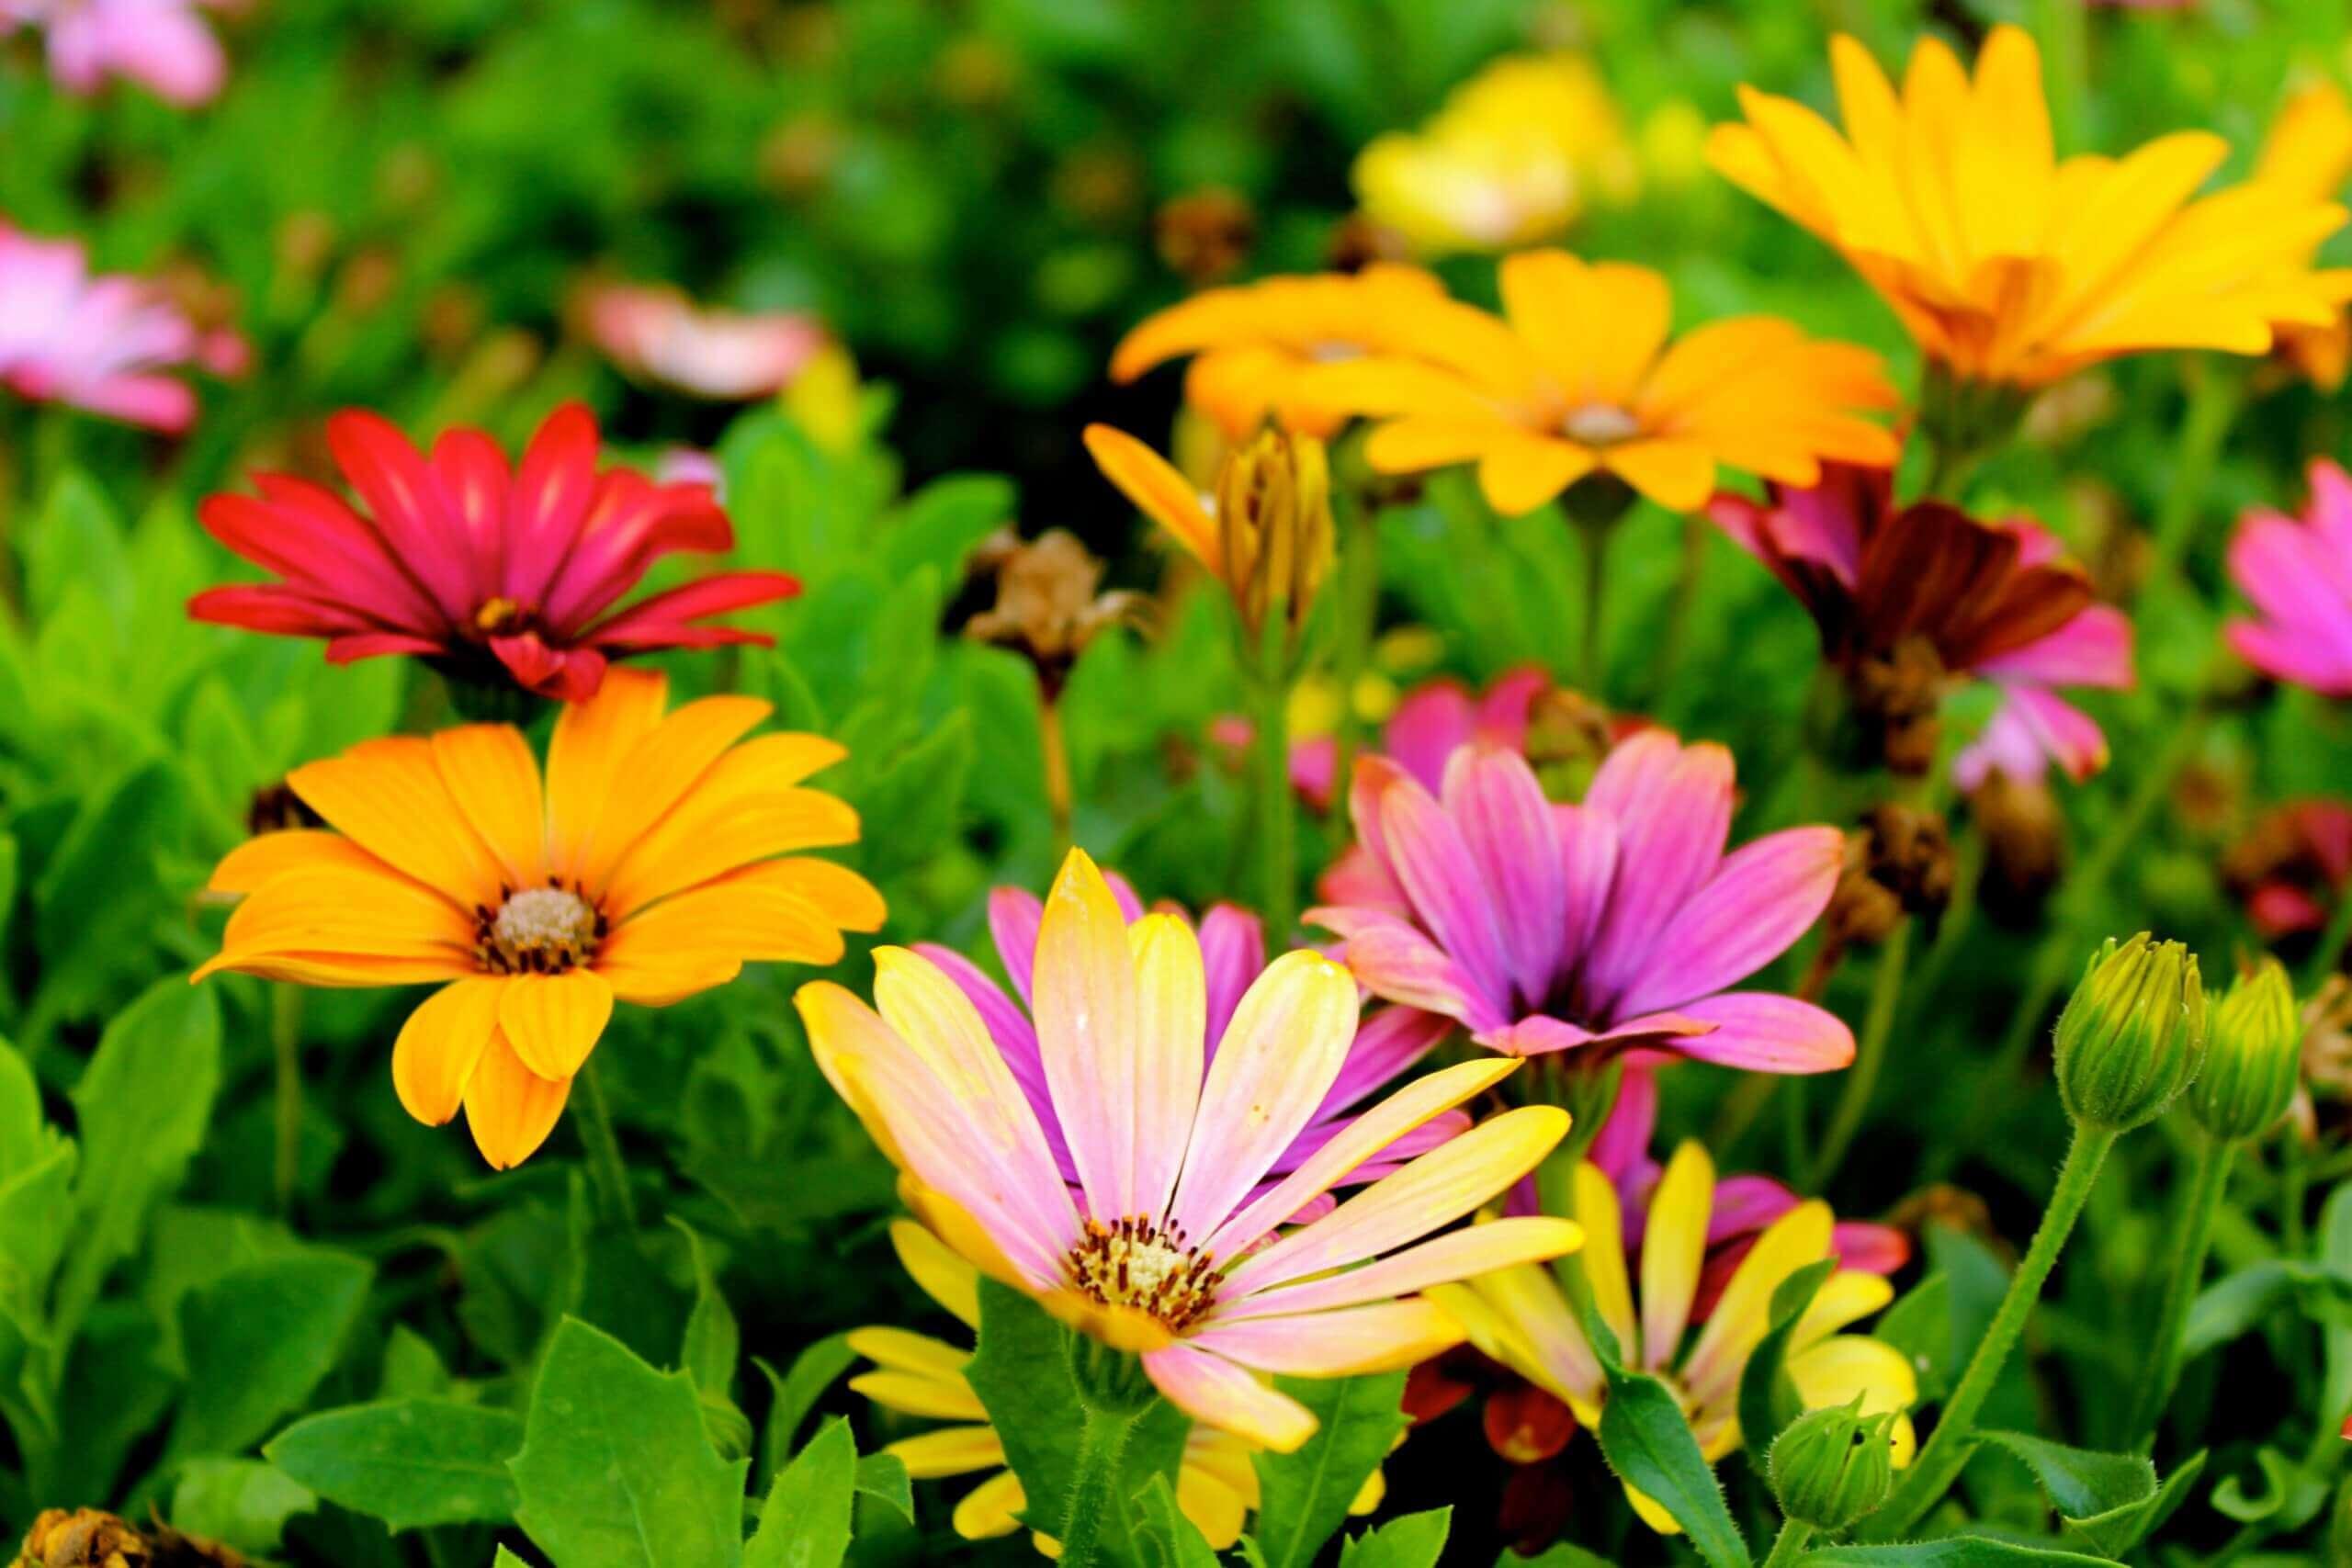 Jardim de verão: uma explosão de cores